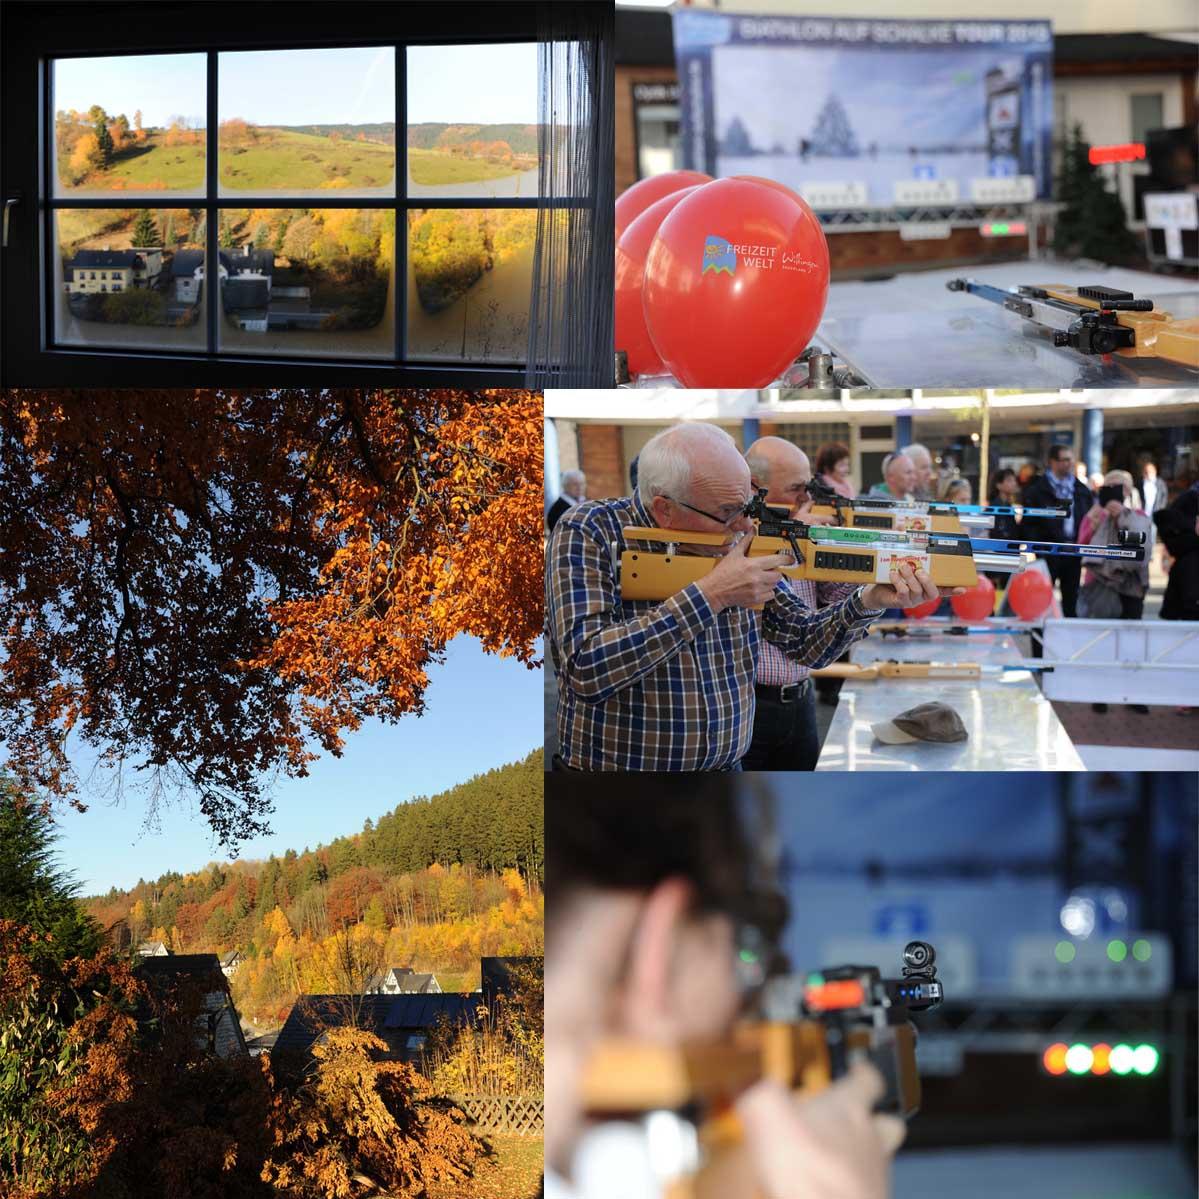 Wie könnte ein Etappenmorgen schöner beginnen, als mit blauem Himmel und goldener Herbststimmung im Upland. Die Freizeitwelt Willingen hatte uns eingeladen, eine Etappe der Biathlon auf Schalke-Tour während des Allerheiligeneinkaufs und dem Fest der 1000 Lichter zu veranstalten. Und es wurde ein phantastischer Tag.